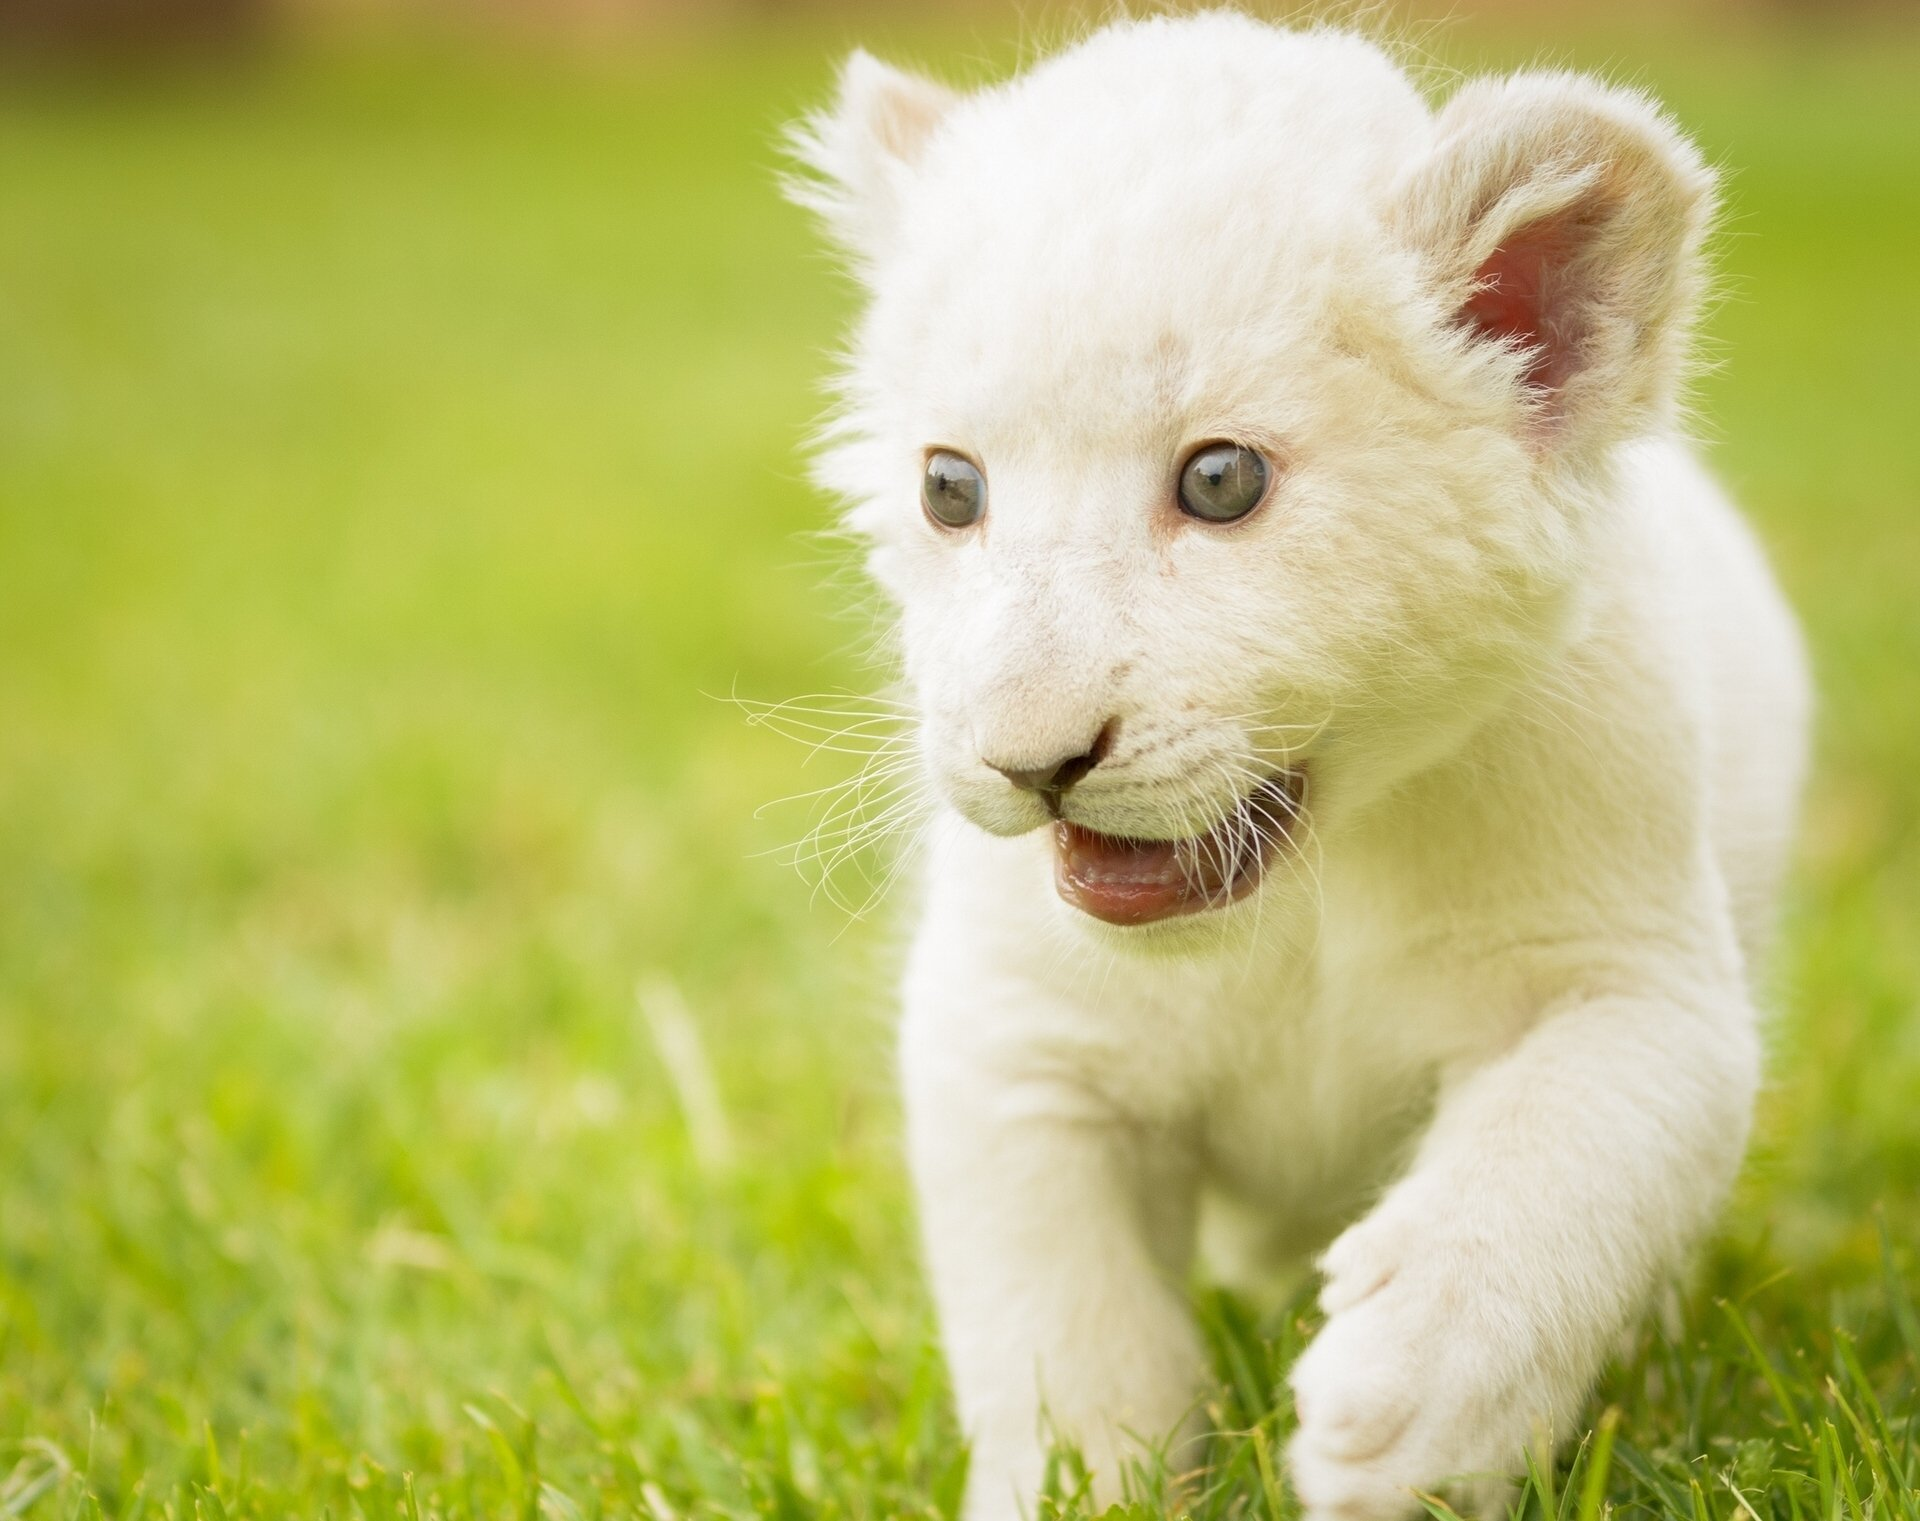 природа животные кот белый nature animals cat white  № 102800 загрузить